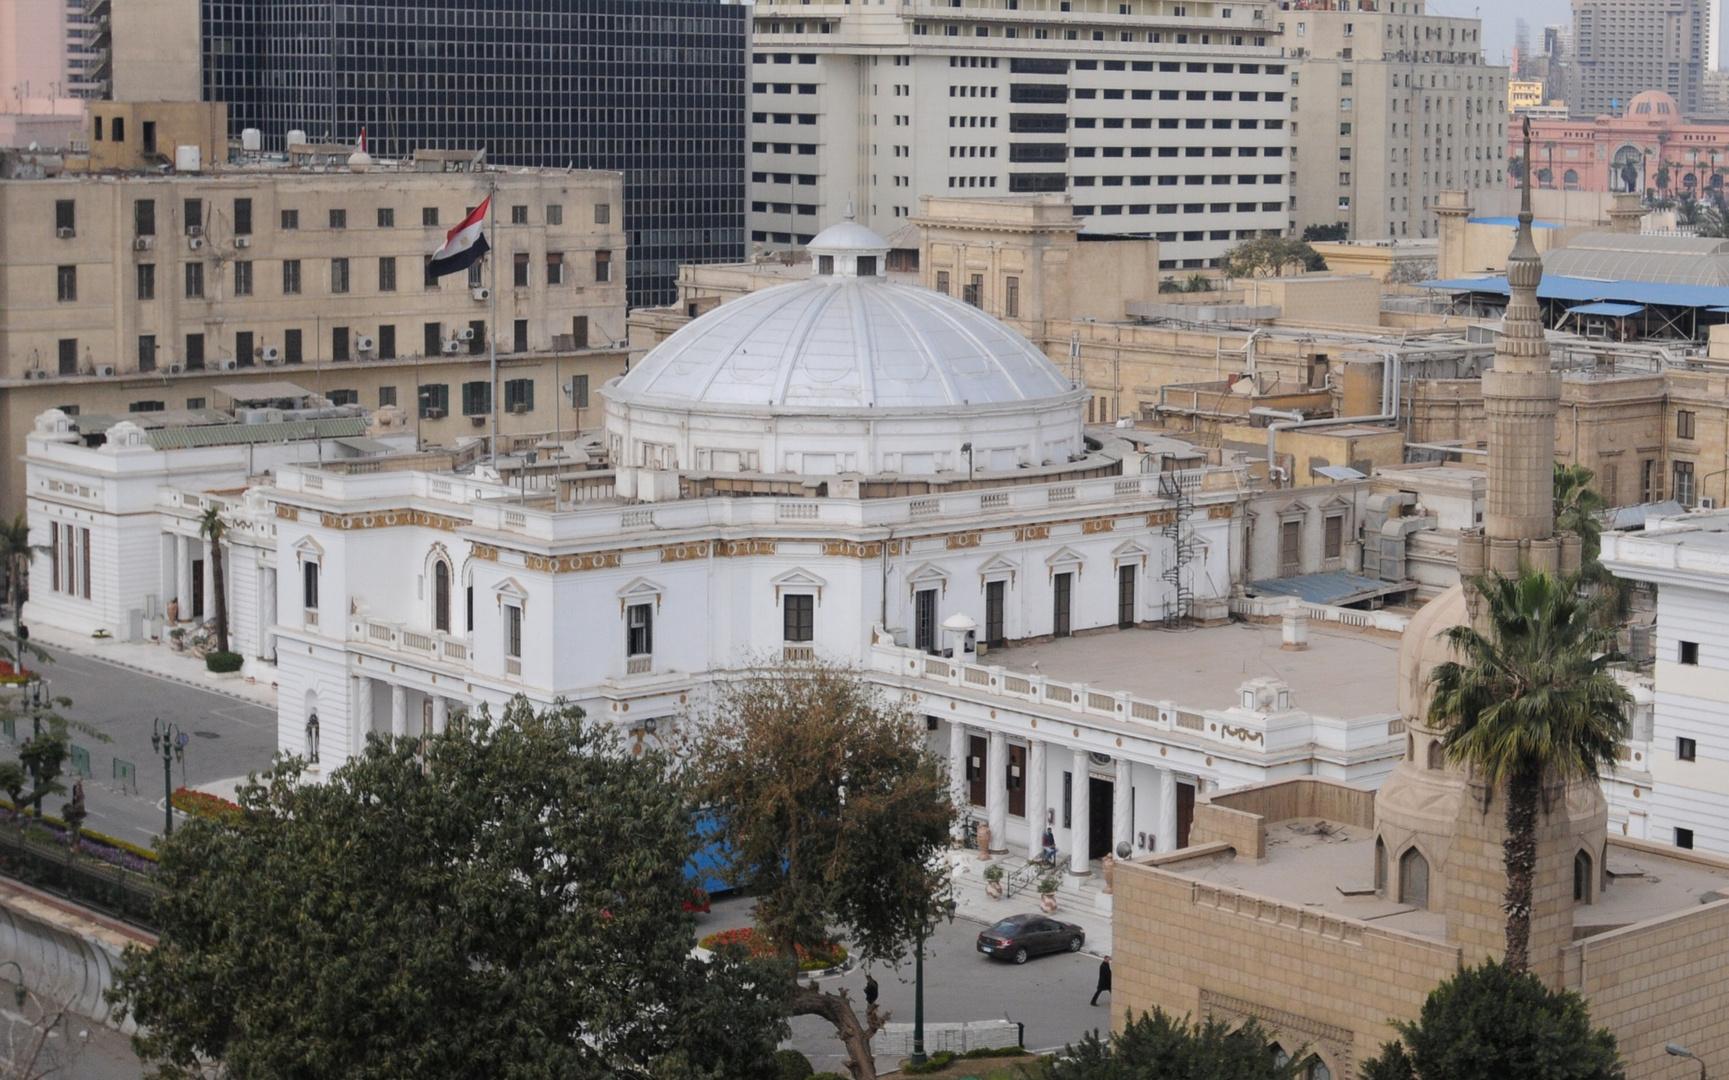 الكشف عن تفاصيل الجلسة السرية المنعقدة لأول مرة في تاريخ البرلمان لمناقشة تدخل الجيش المصري في ليبيا